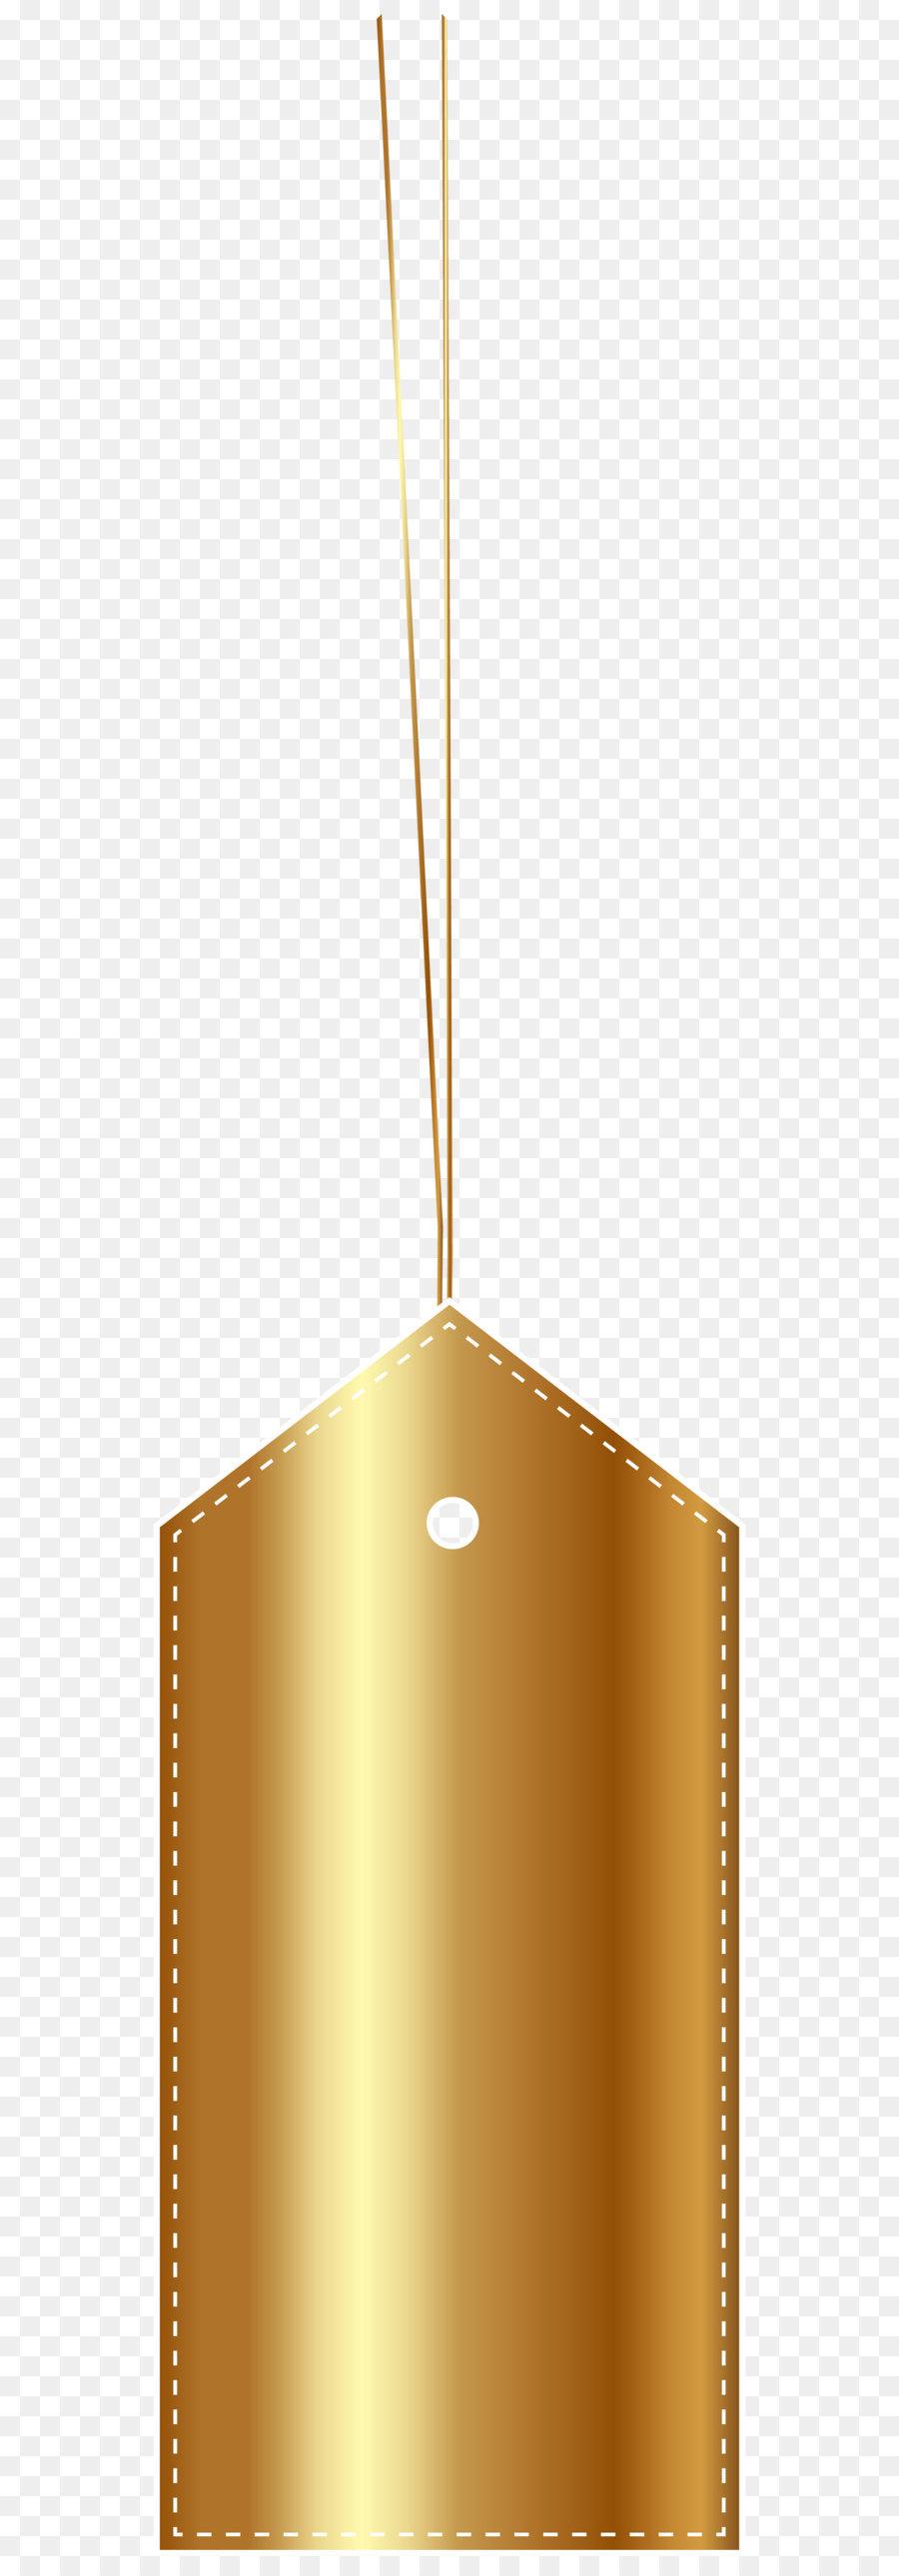 Producto Diseño De Ángulo - De oro de la Plantilla de Etiqueta ...